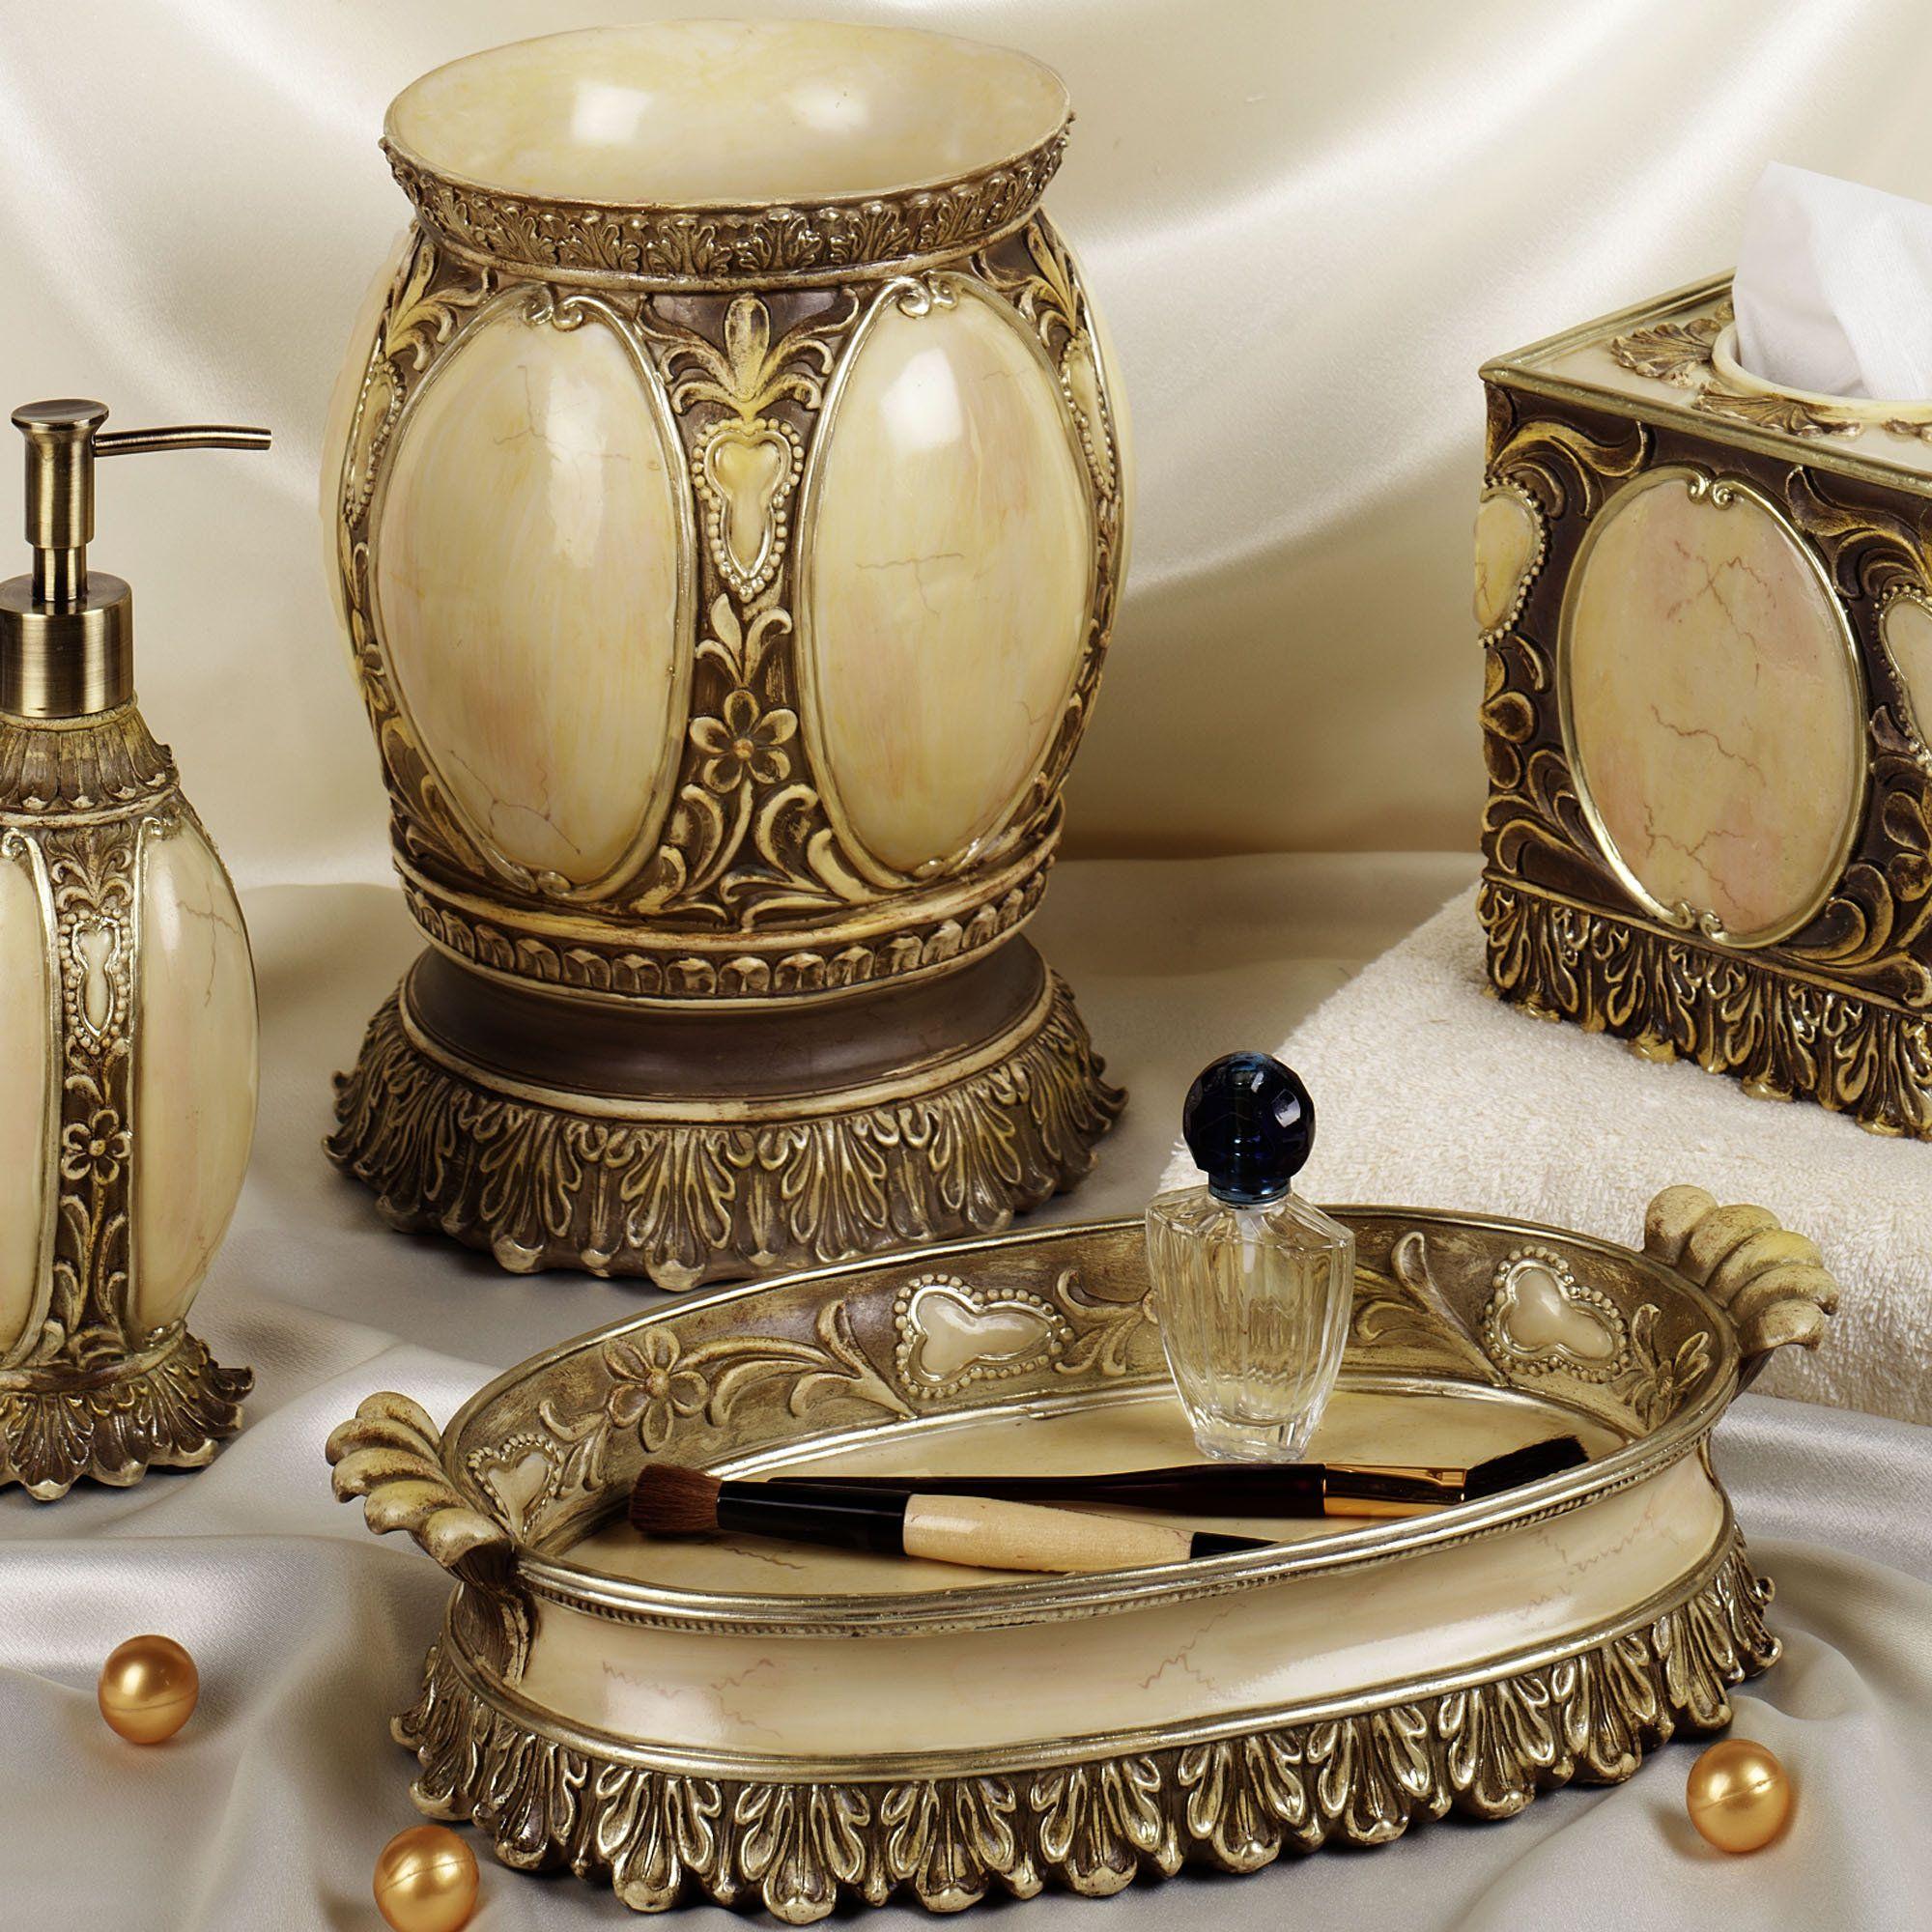 bathroom+accessories | the resin cordova bath accessories have the